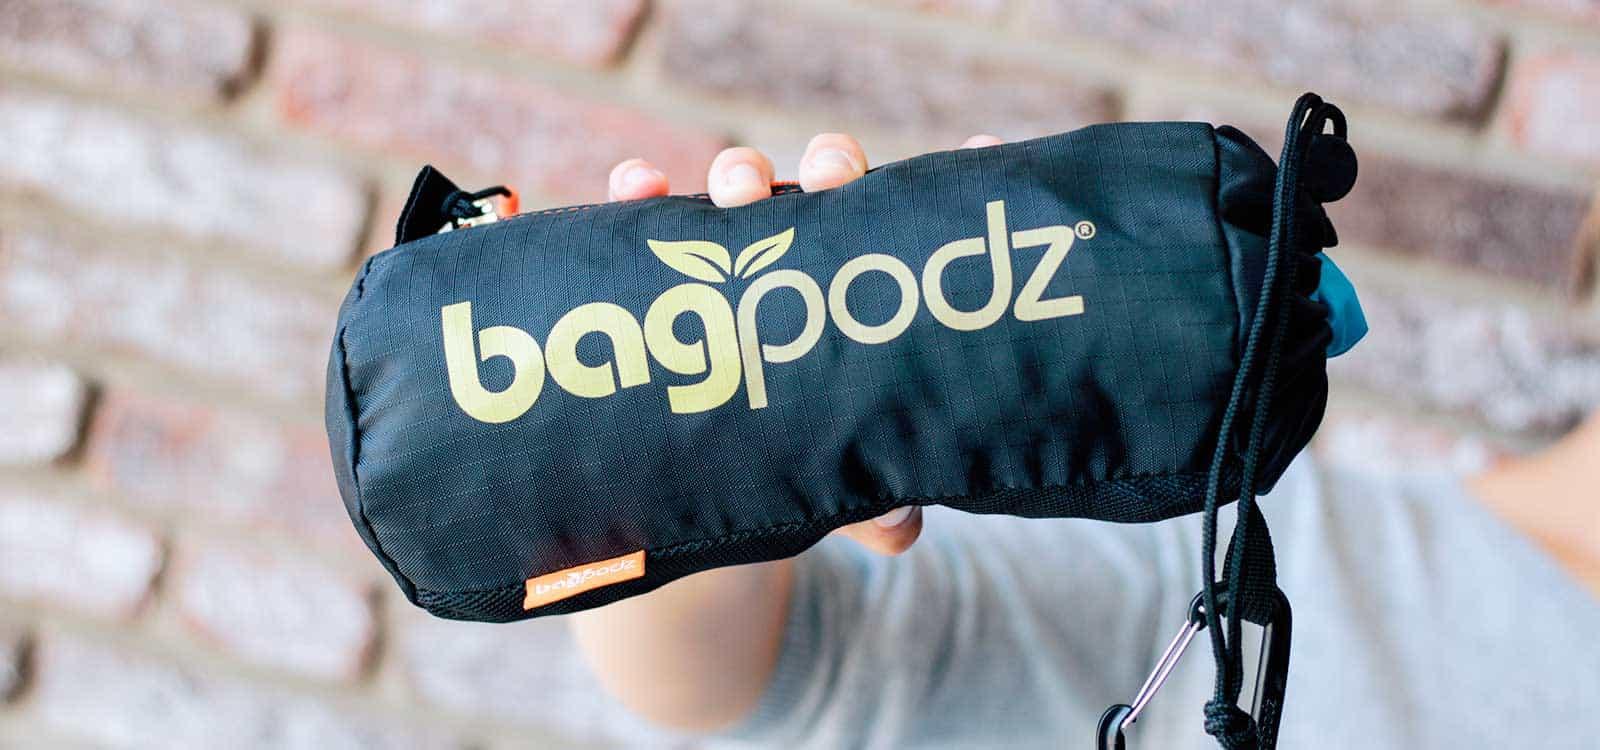 bagpodz-review-header